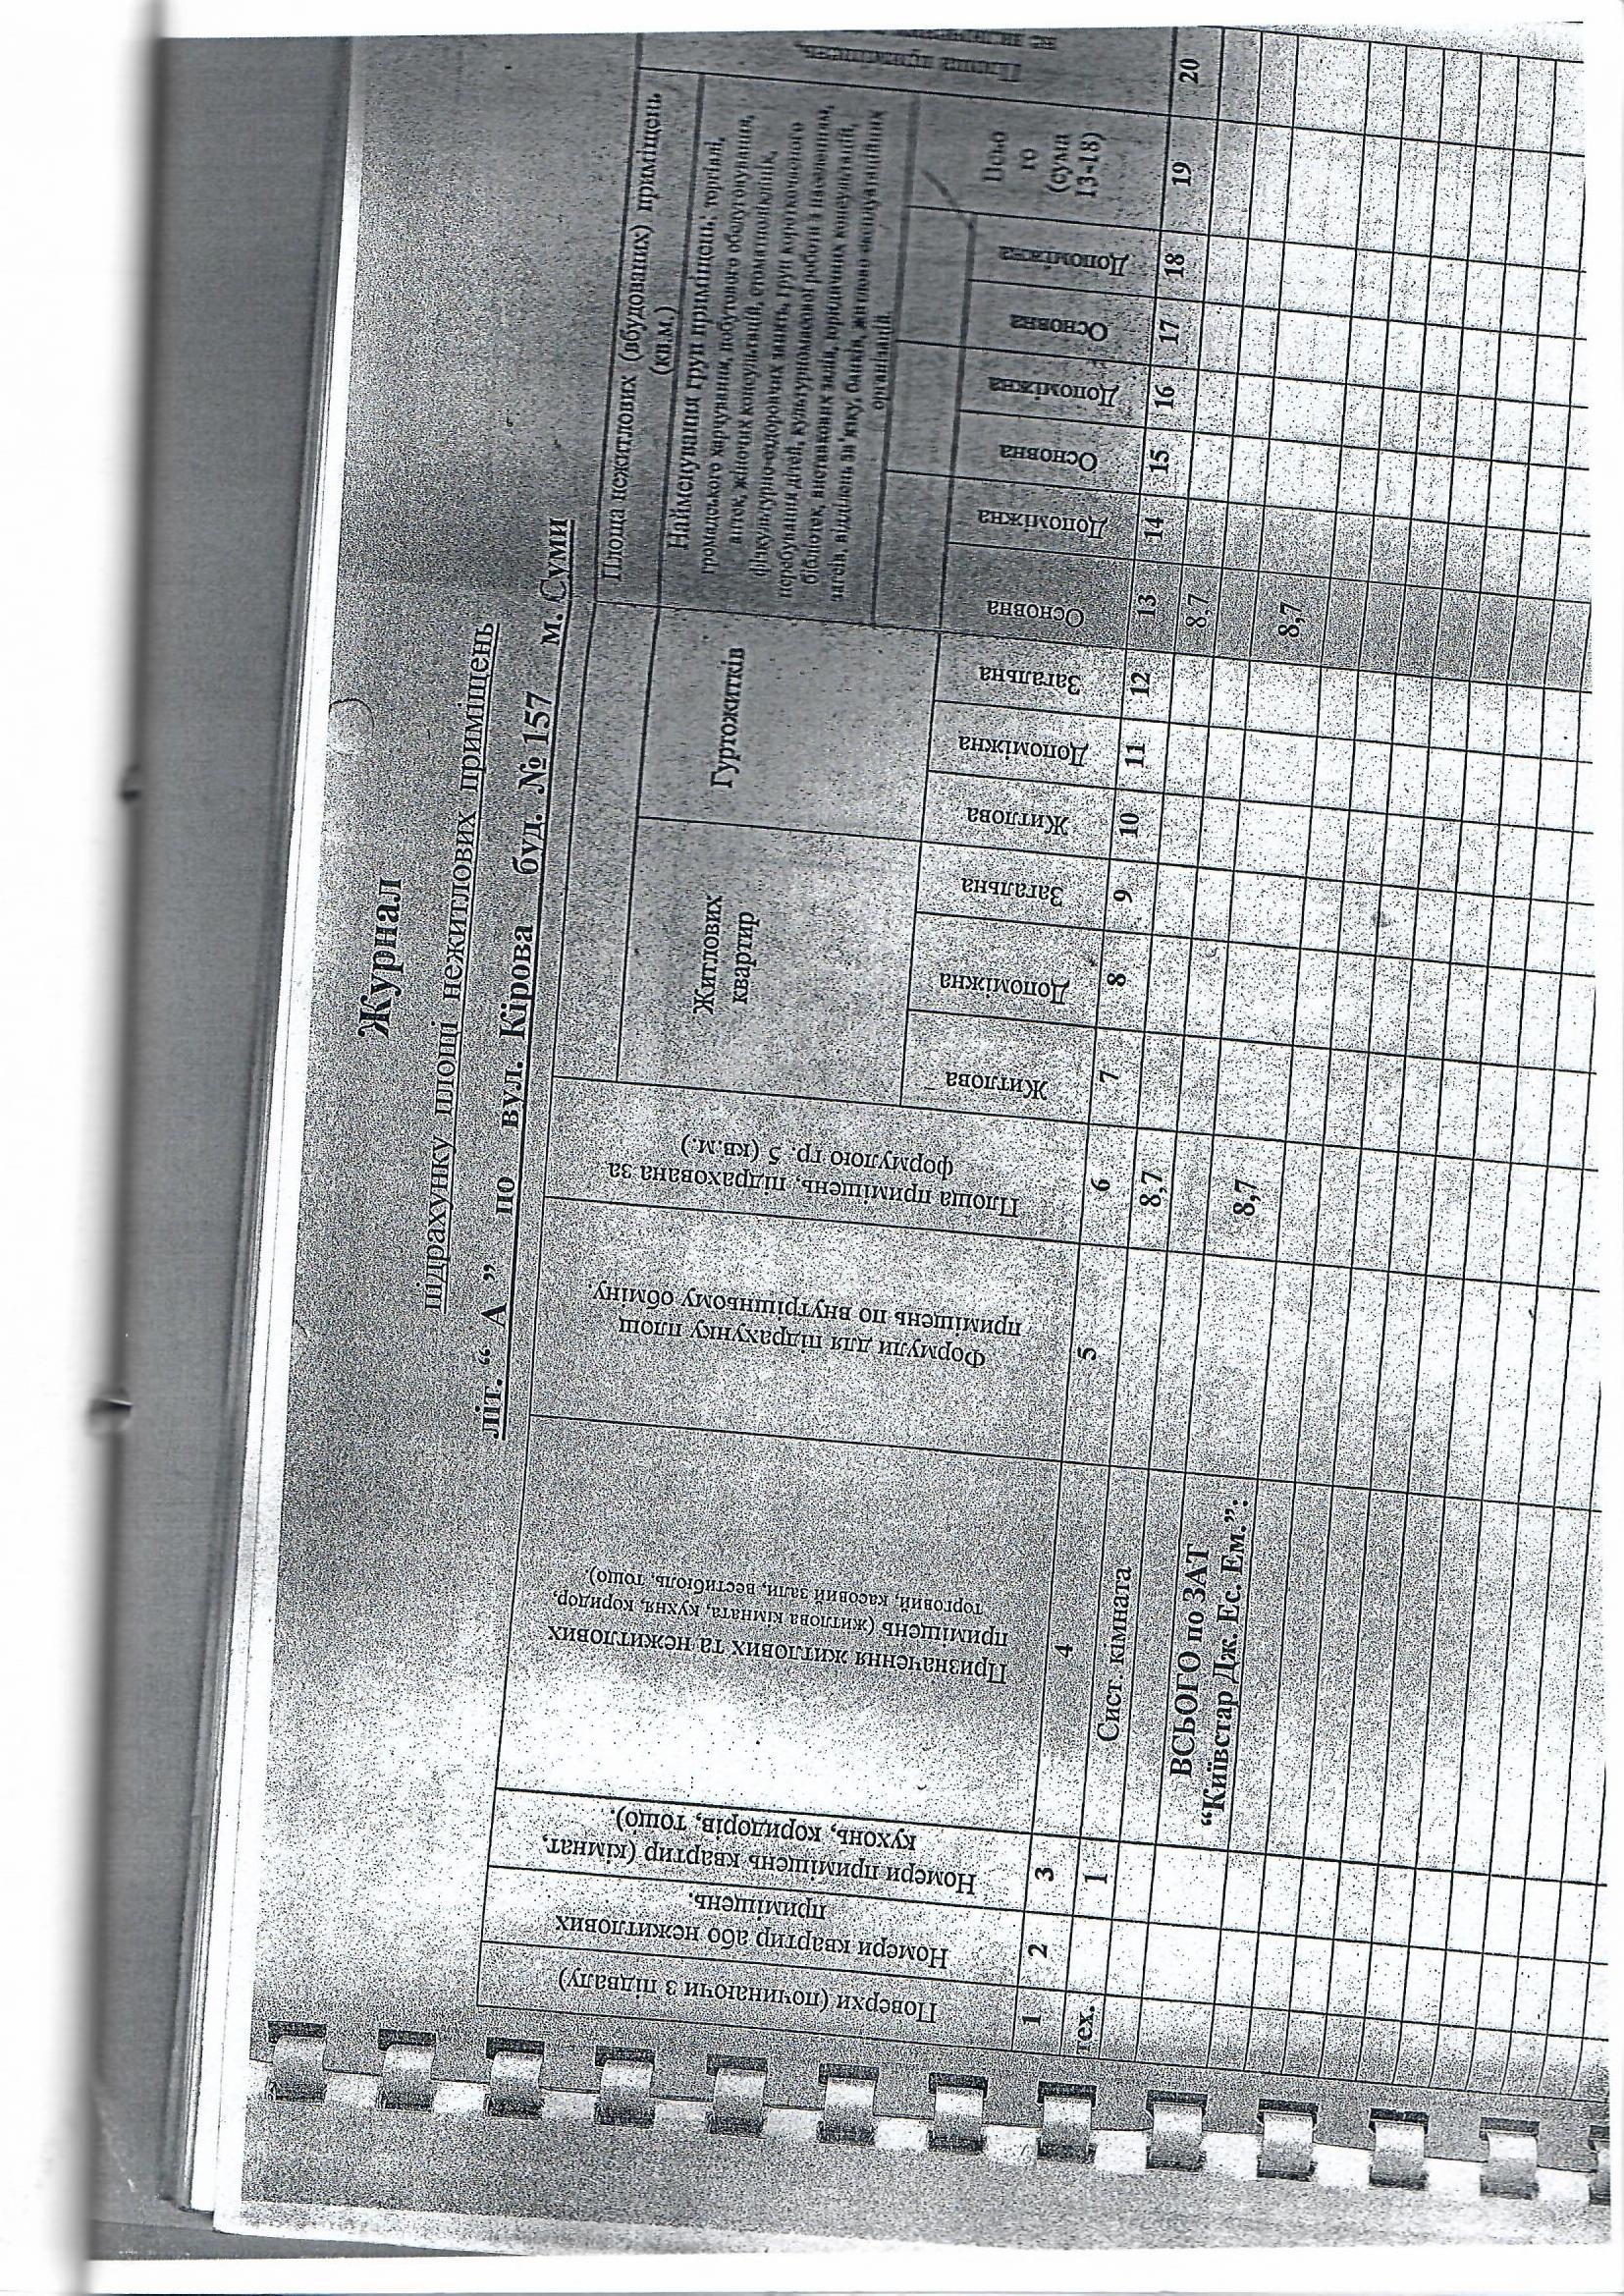 Продовження договору оренди нерухомого майна за адресою: м. Суми, вул. Герасима Кондратьєва, буд. 157, загальною площею 13,8 кв.м.